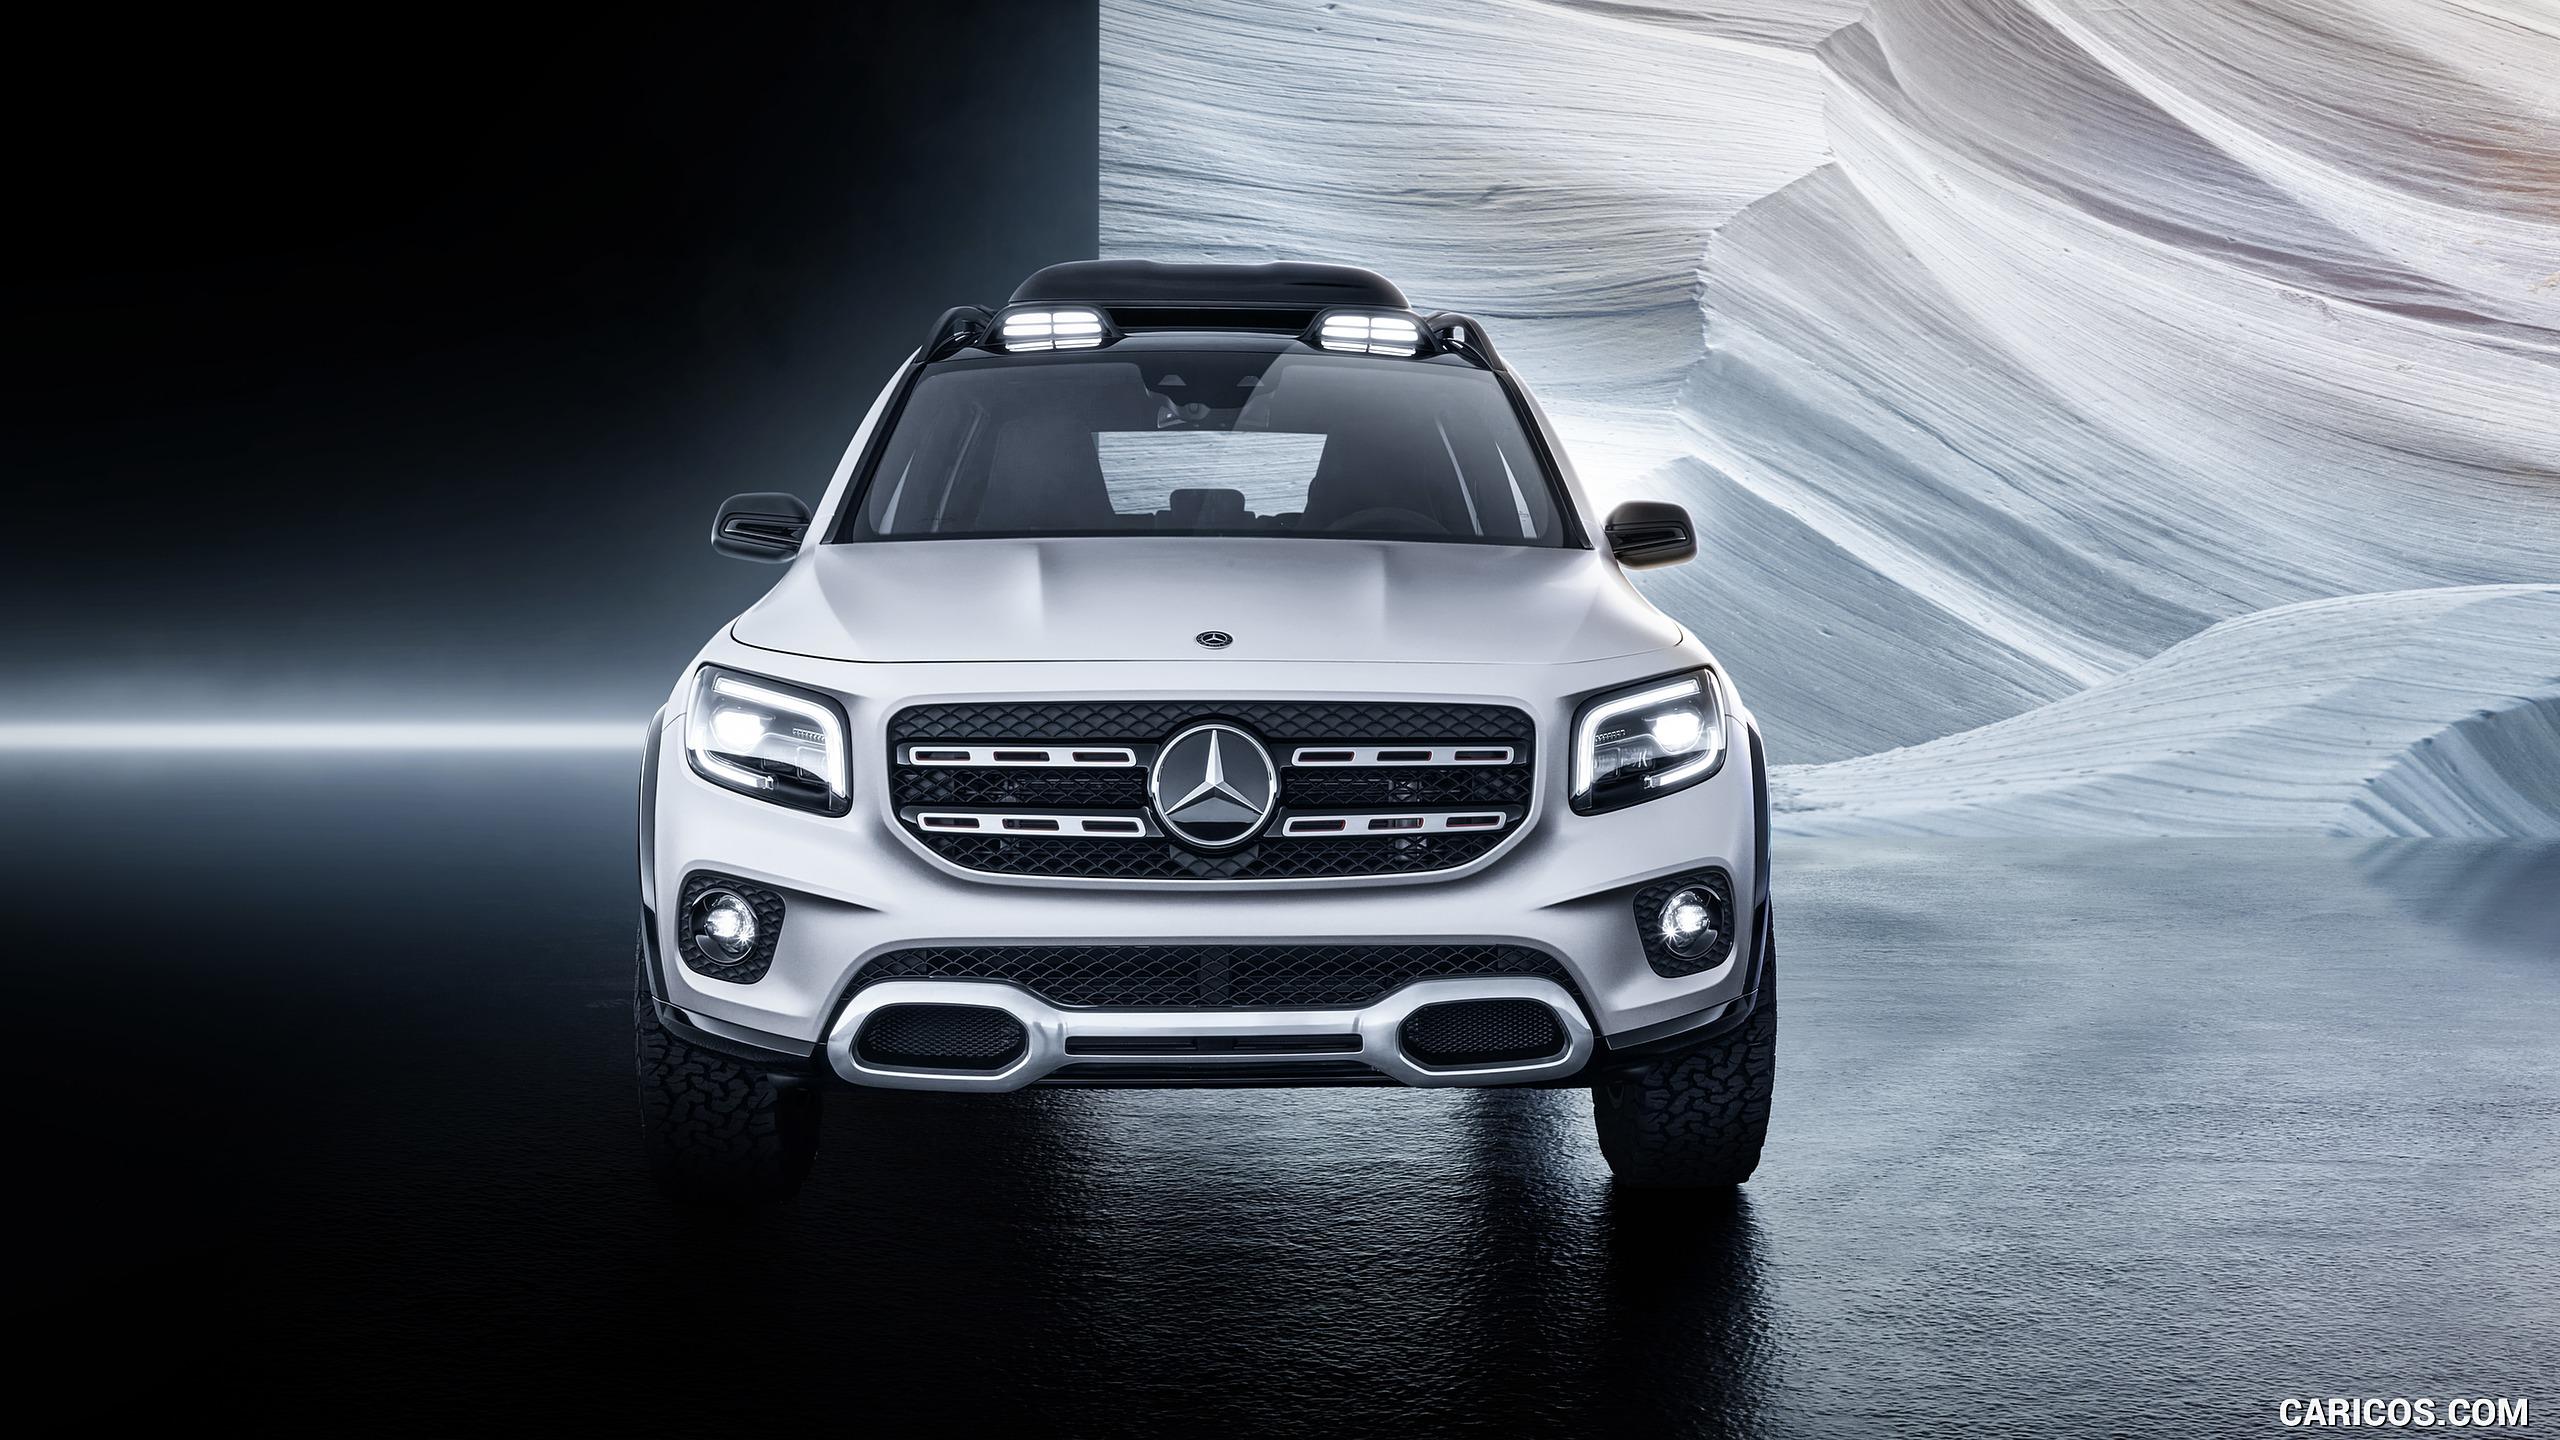 2019 Mercedes Benz GLB Concept   Front HD Wallpaper 5 2560x1440